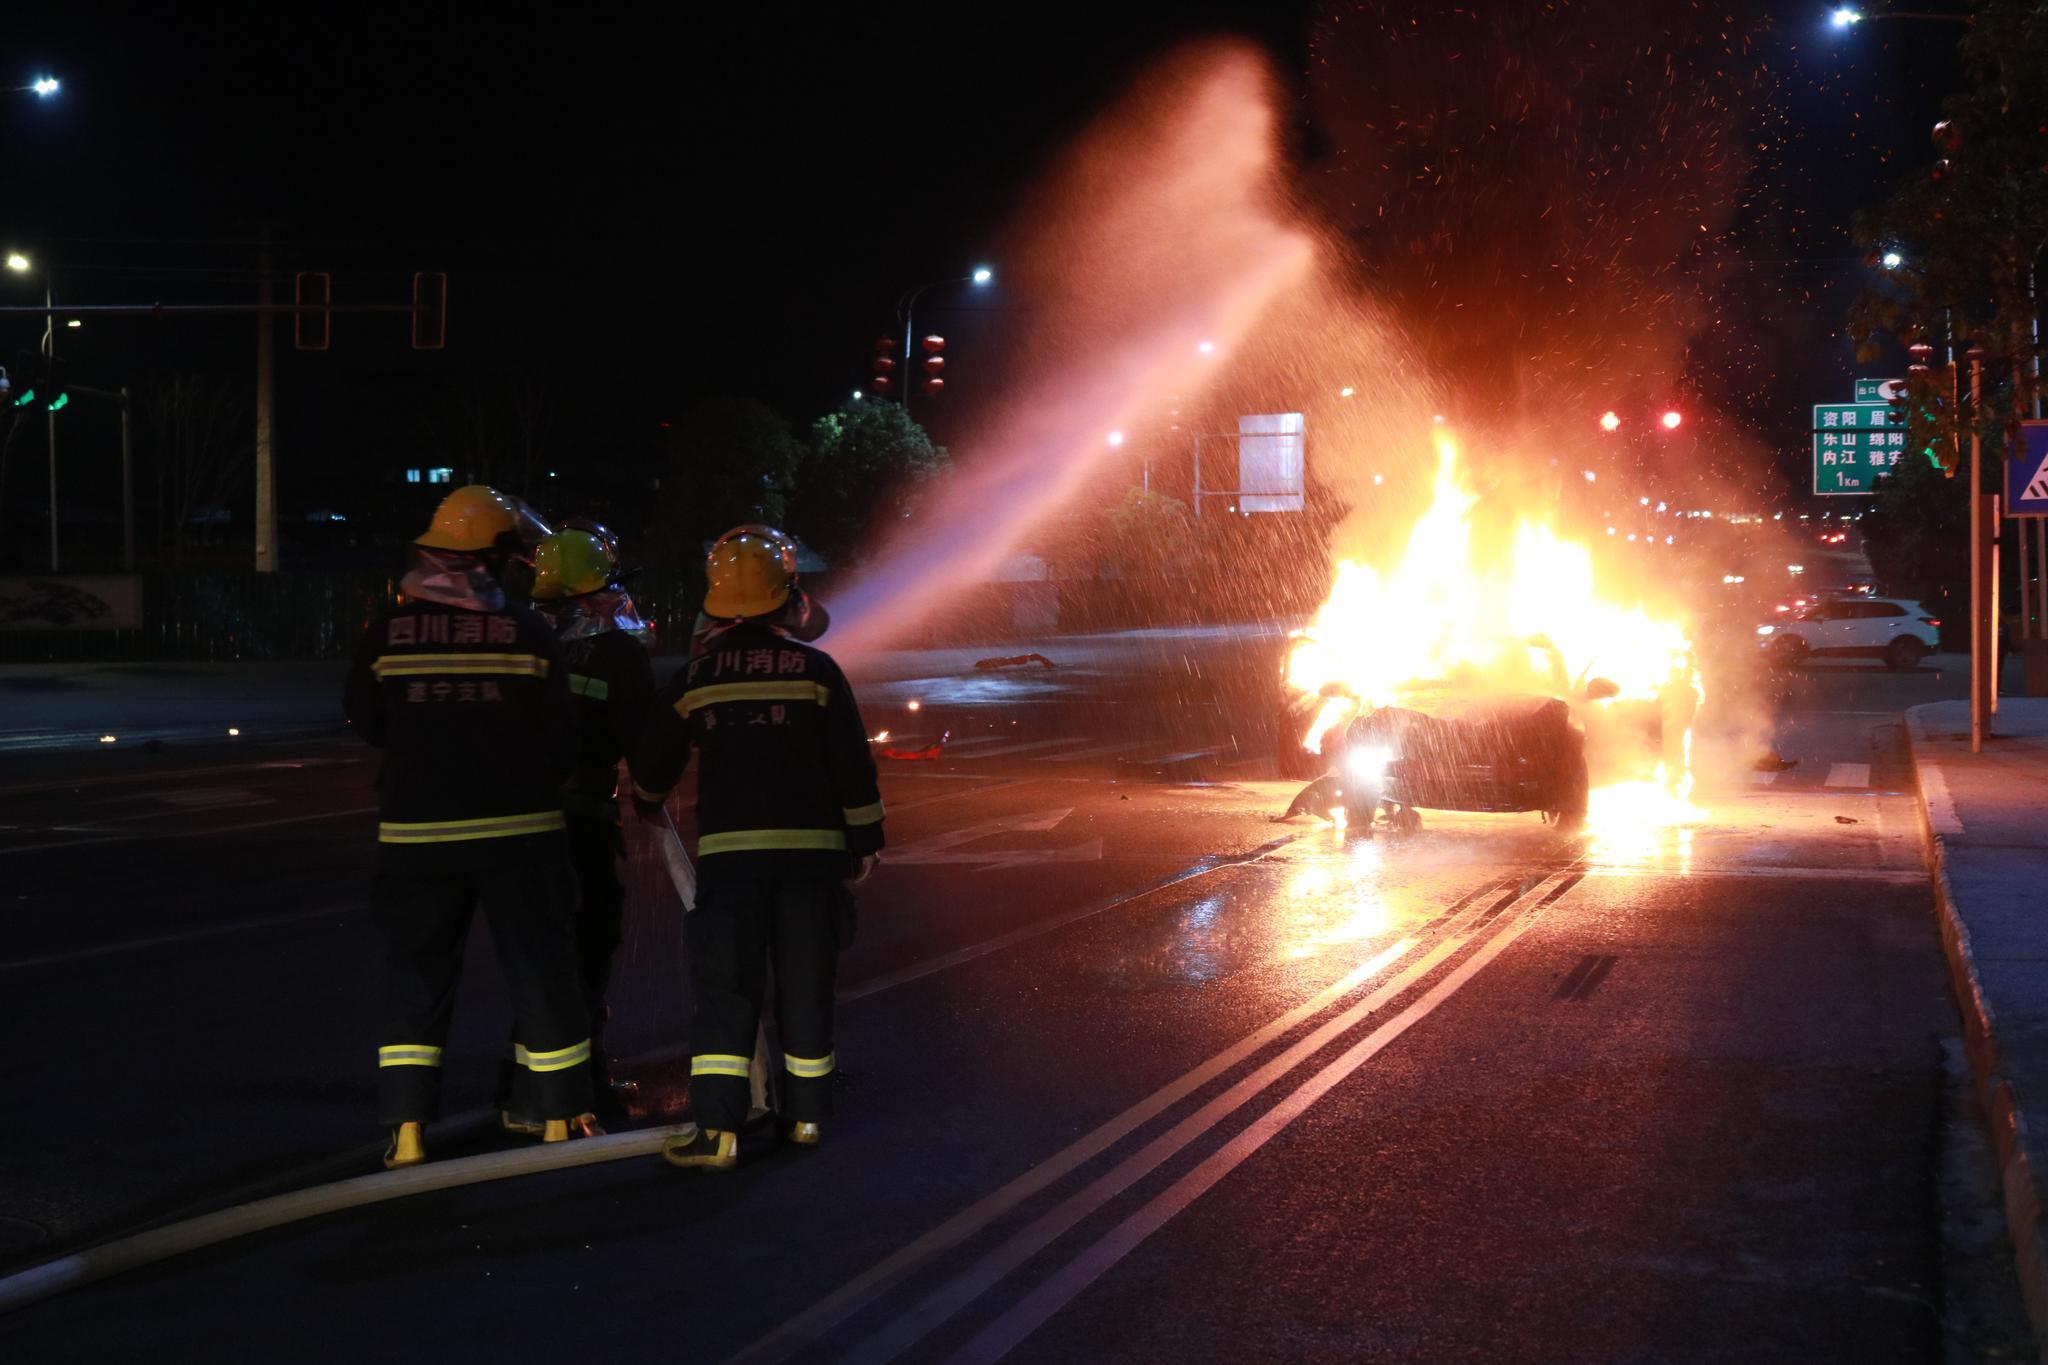 四川遂宁一货车与轿车相撞,形成30米流淌火,5人受伤图片